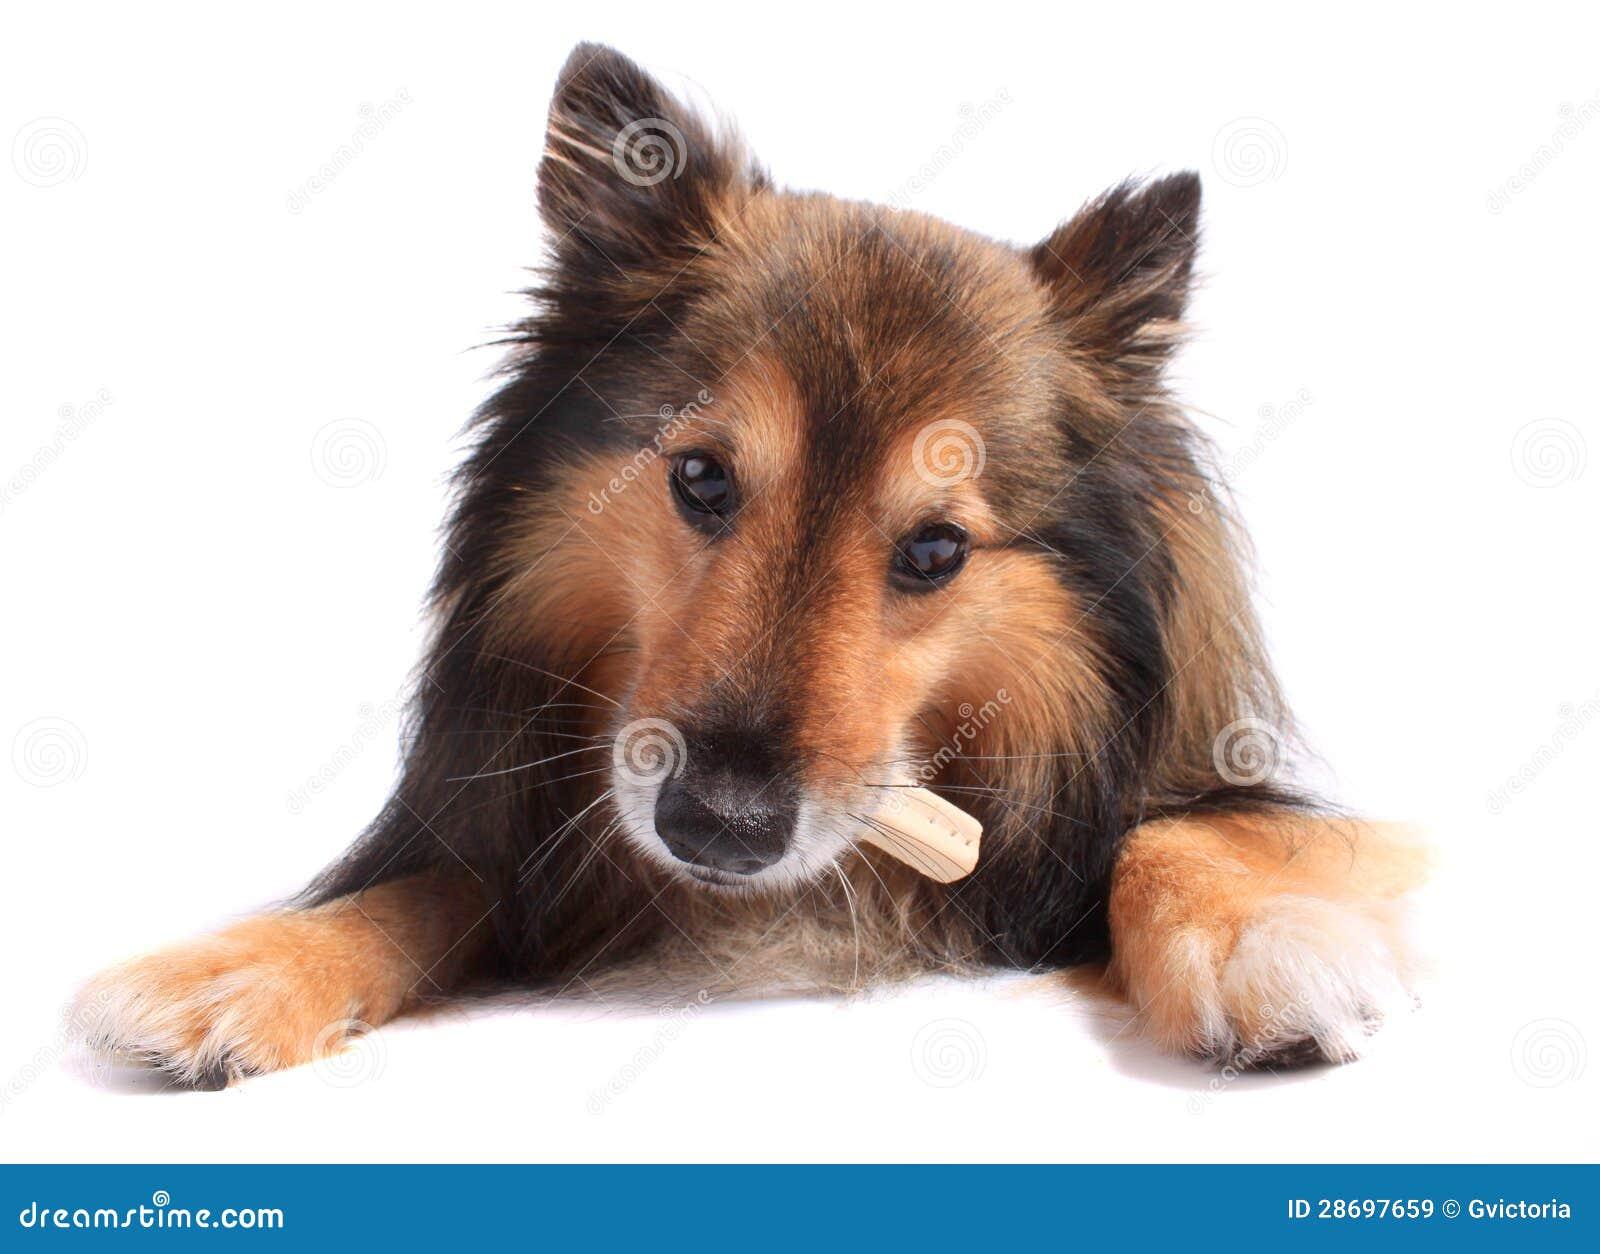 Cane che mangia ossequio o osso immagine stock immagine 28697659 - Cane che mangia a tavola ...